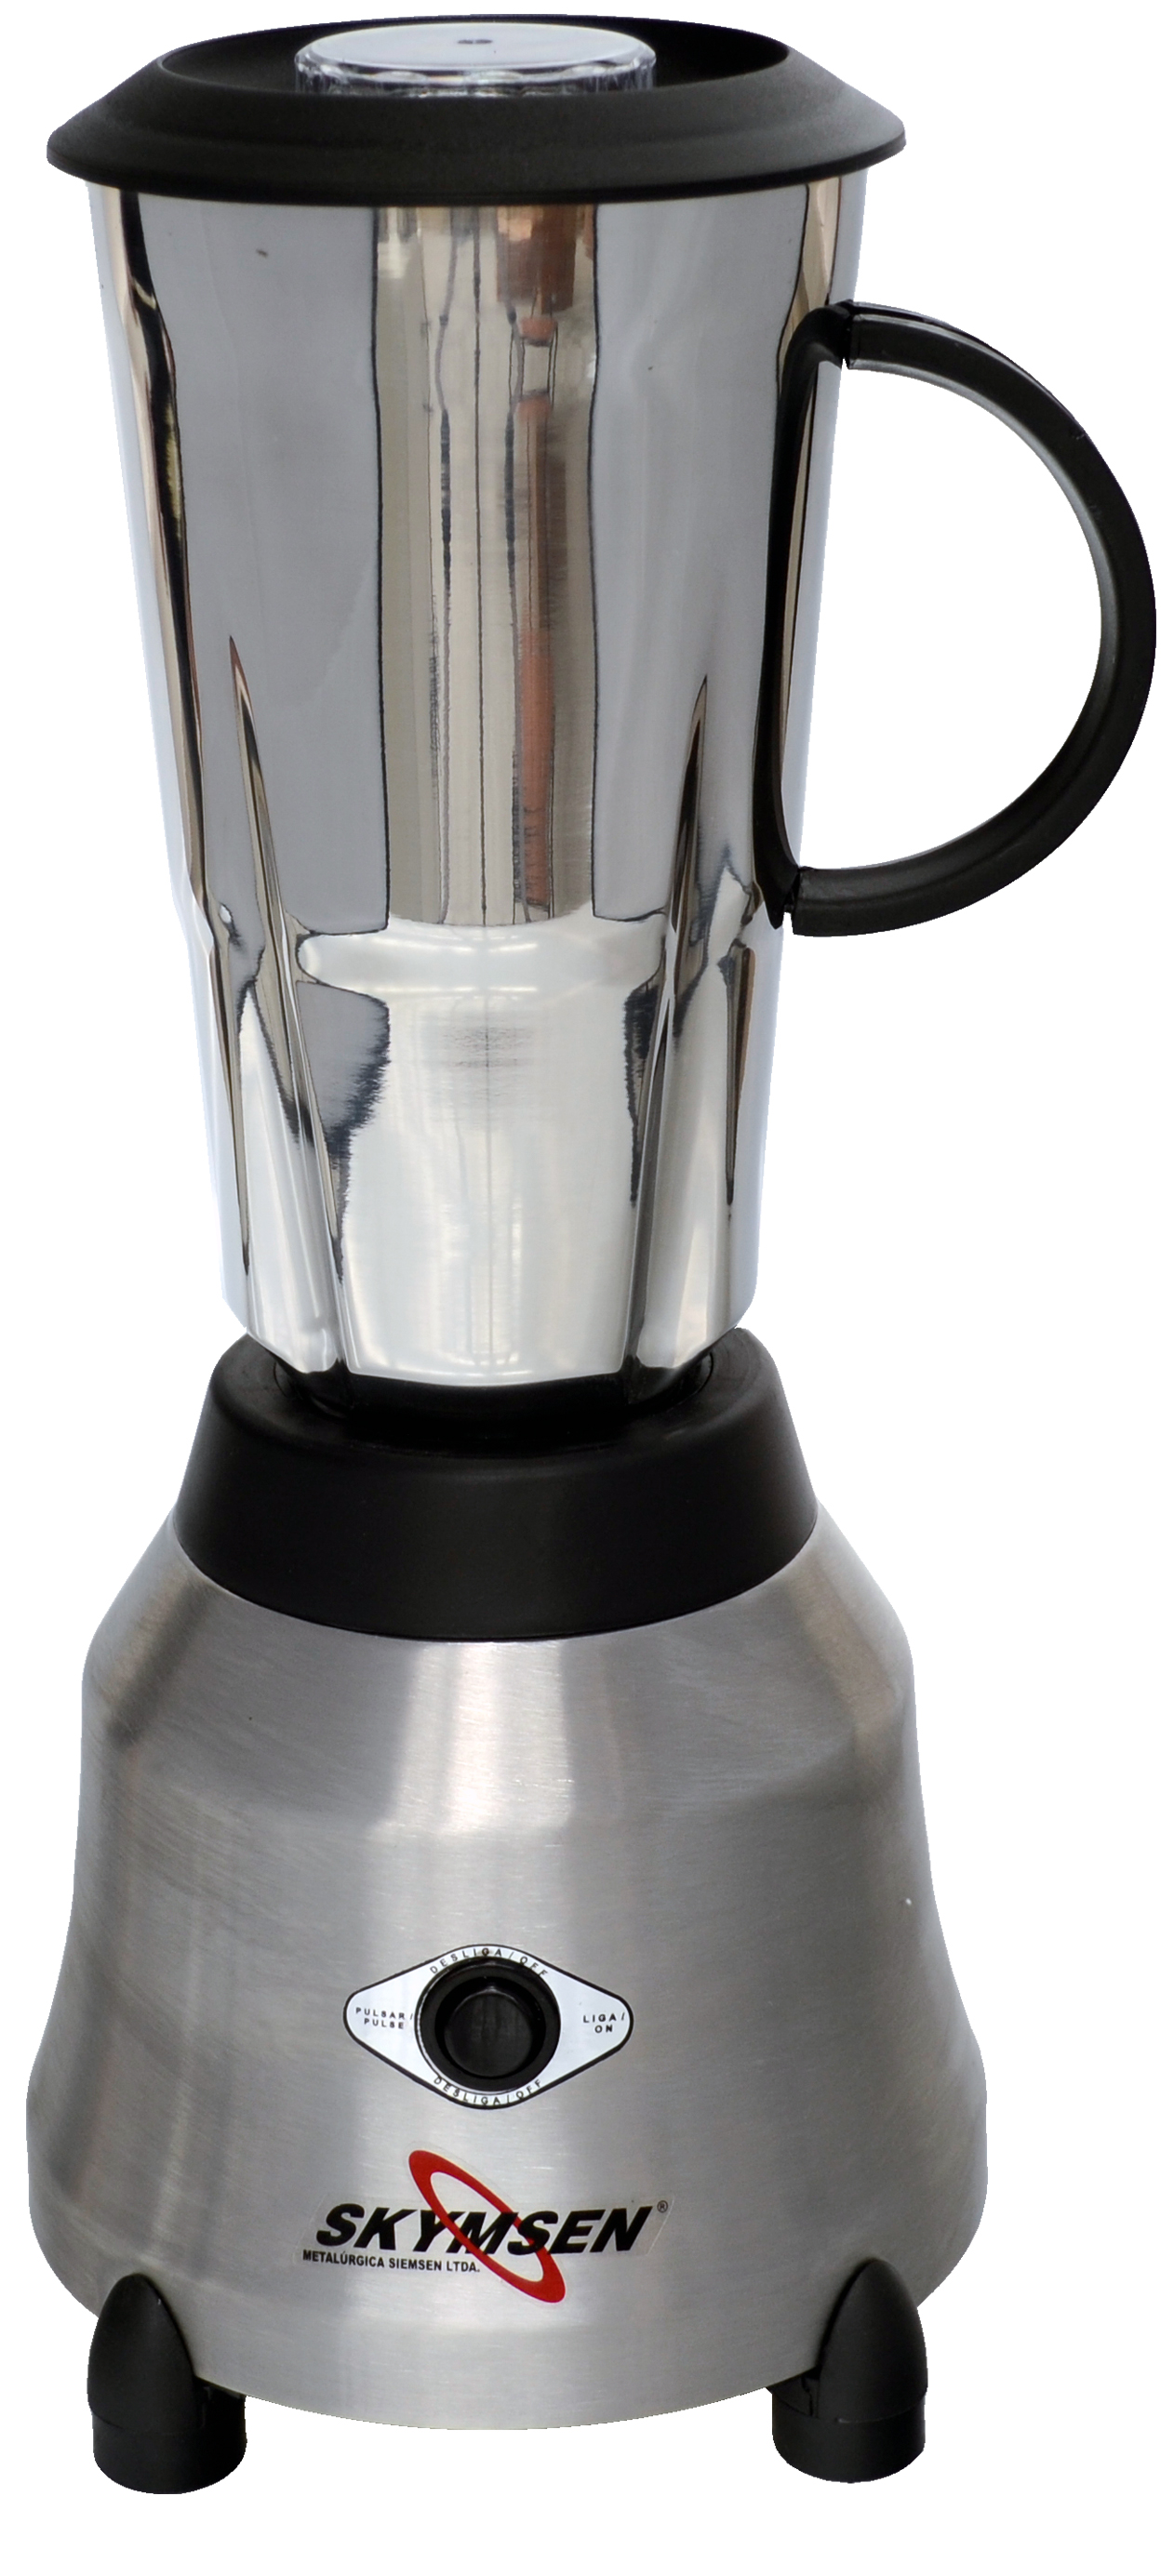 Liquidificador alta rotação LI-02-N Skymsen